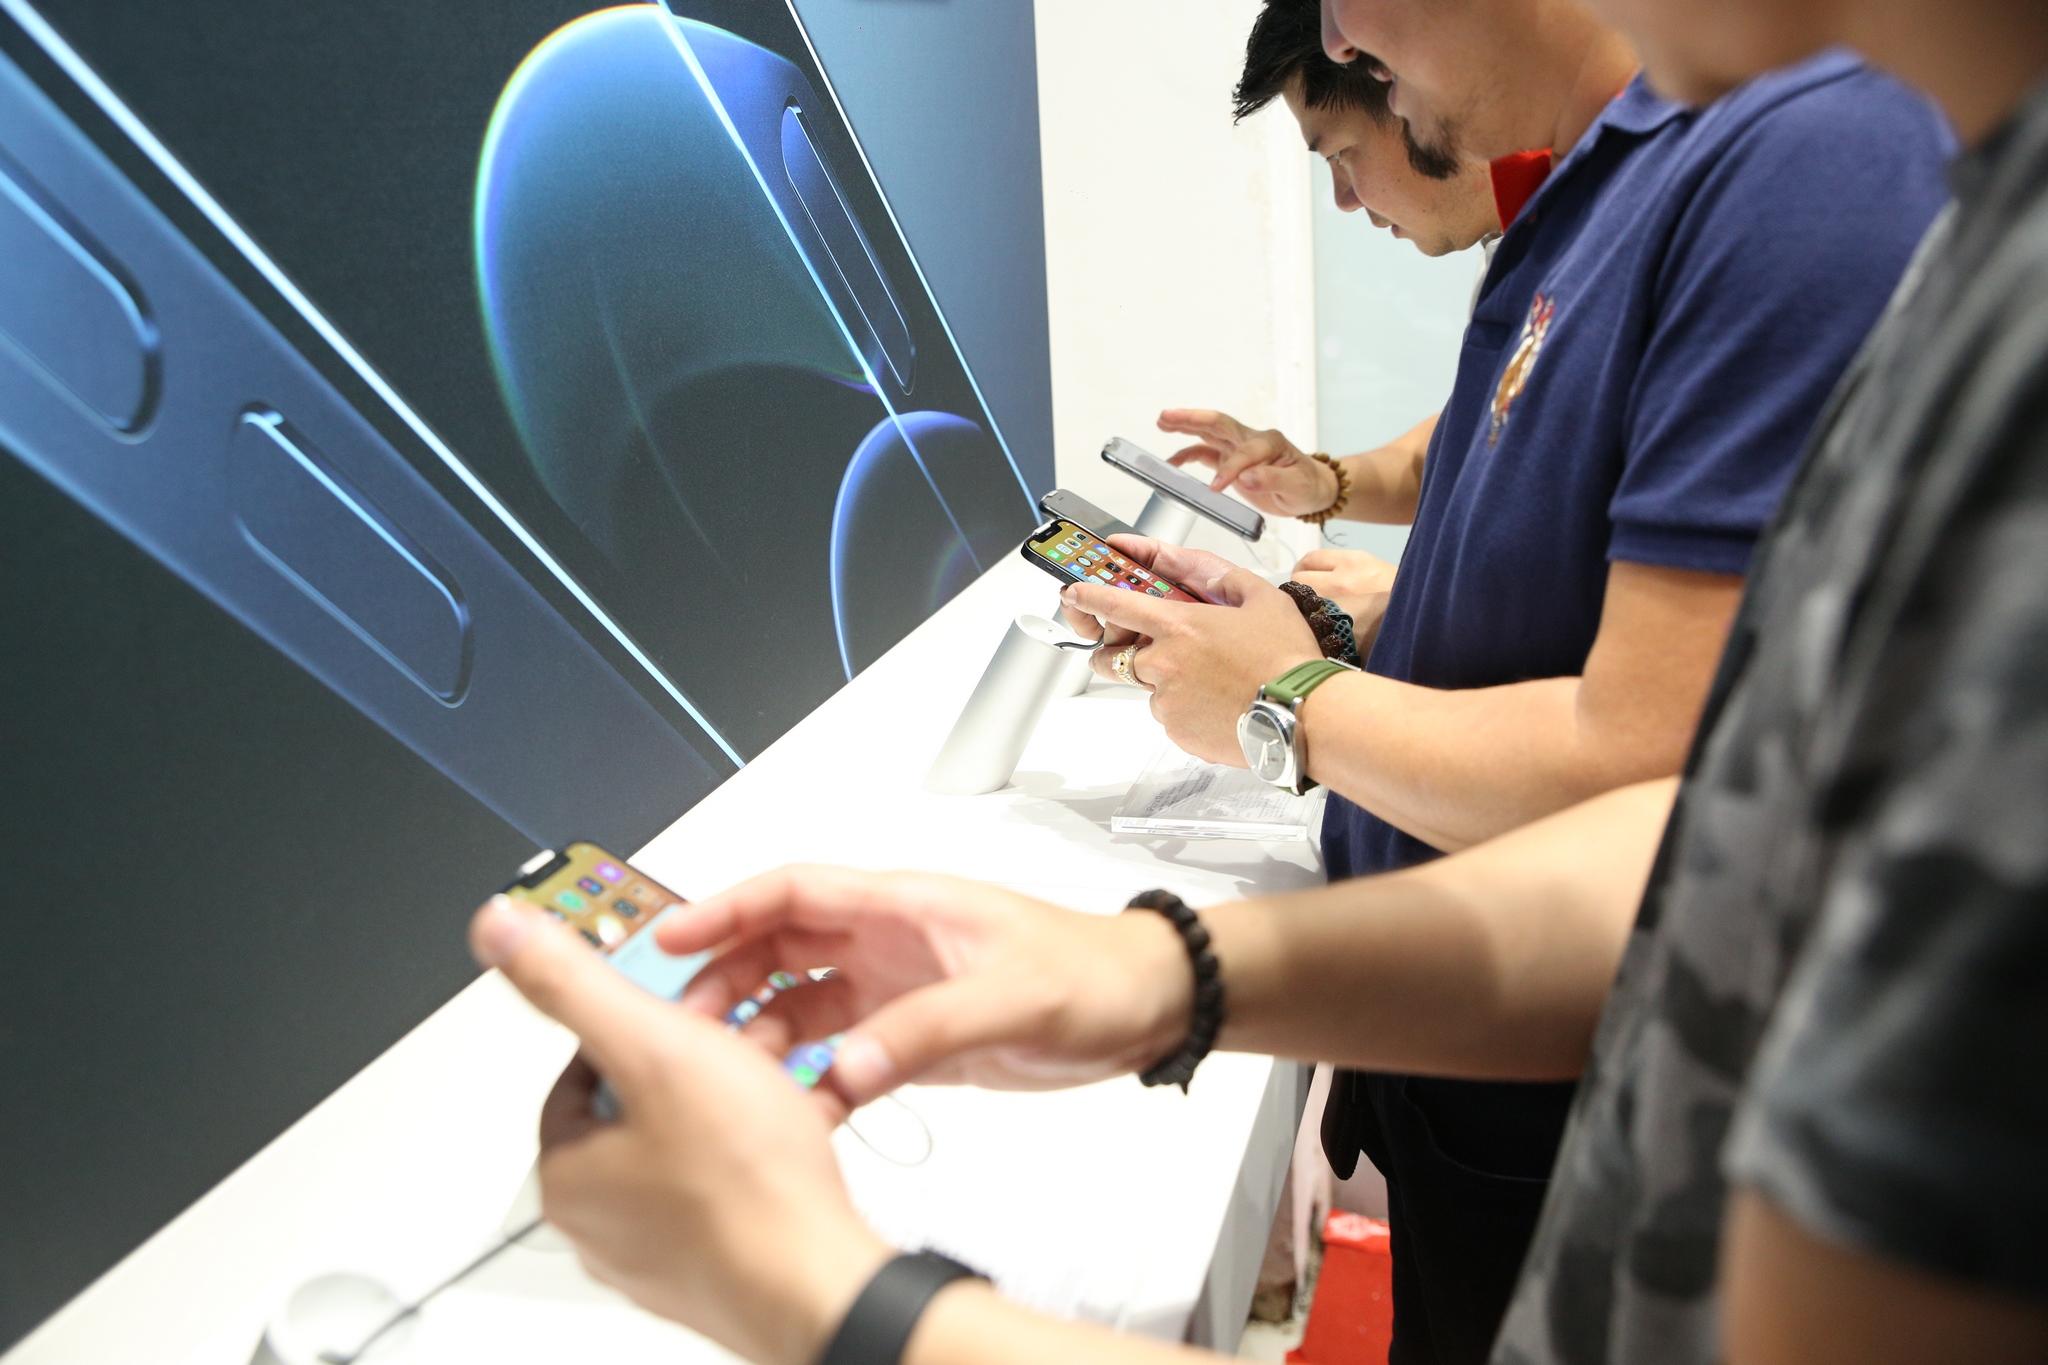 iPhone 12 Pro và iPhone 12 Pro Max hết khan hàng khi chuỗi bán lẻ đua nhập mới - Ảnh 1.